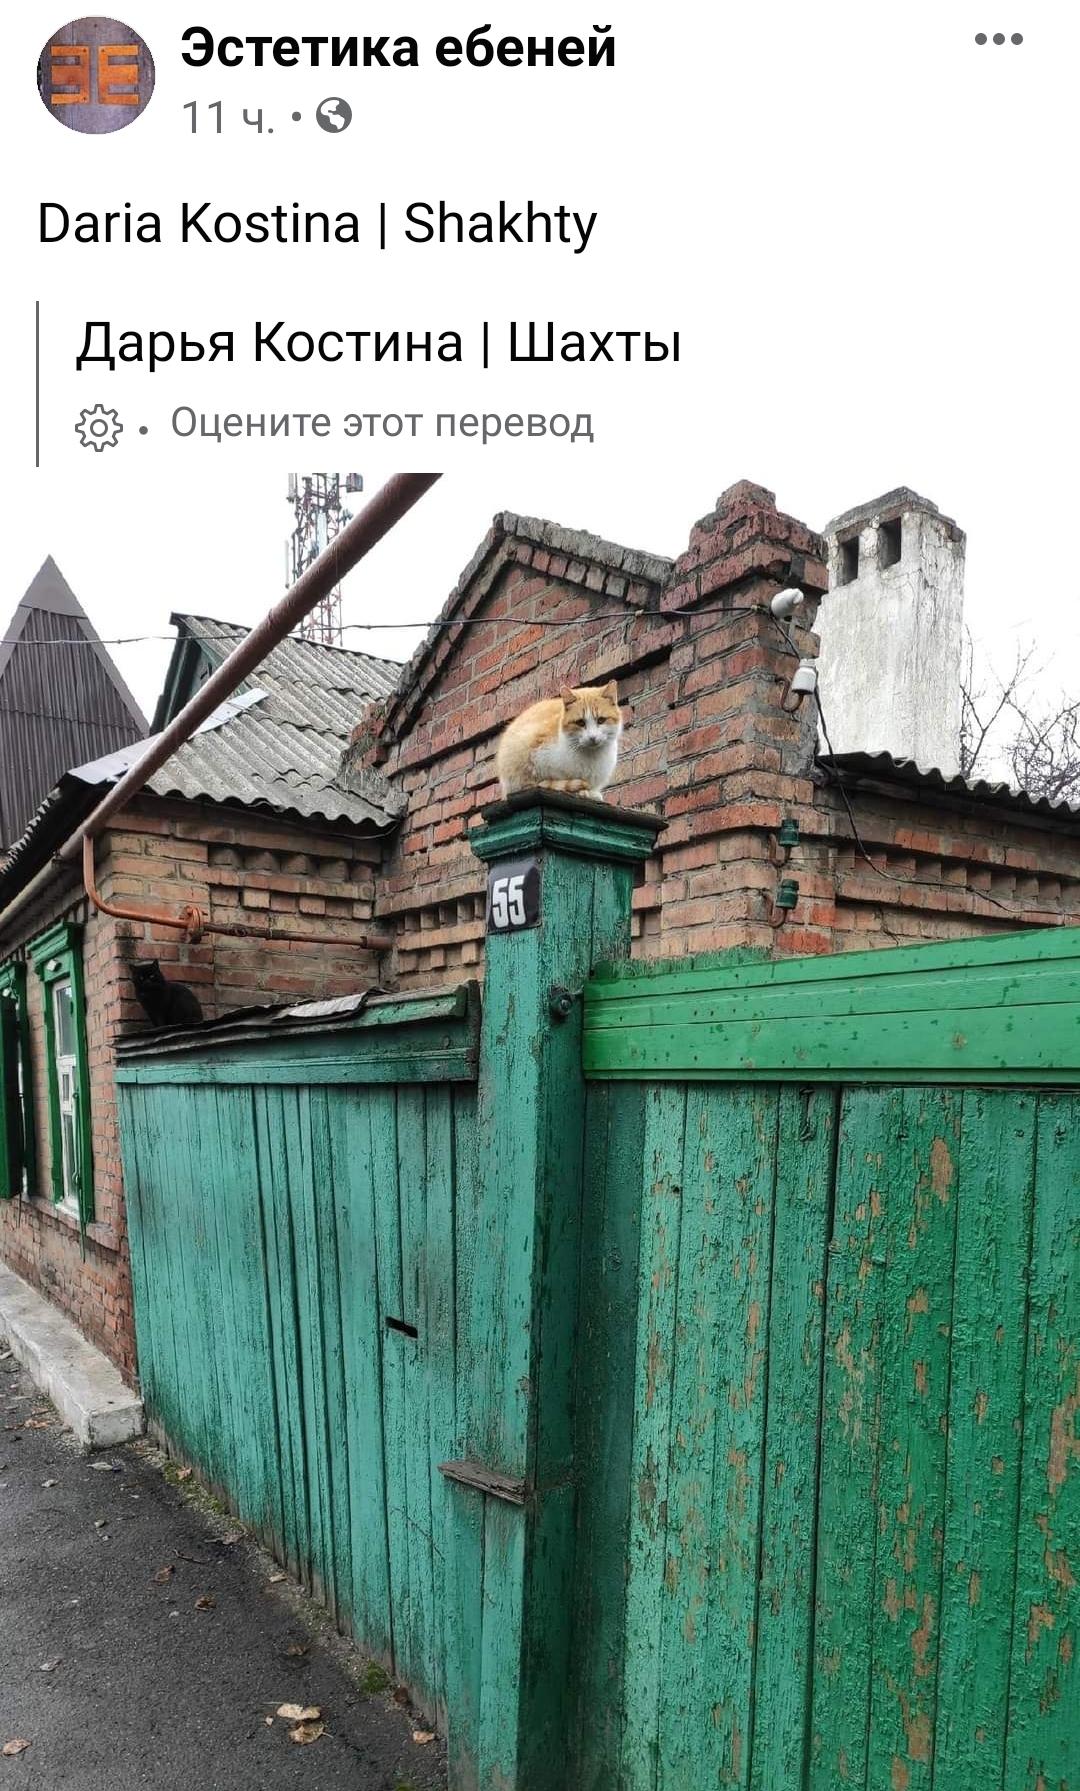 Кот надёжно скрасит любые ебеня 🐈